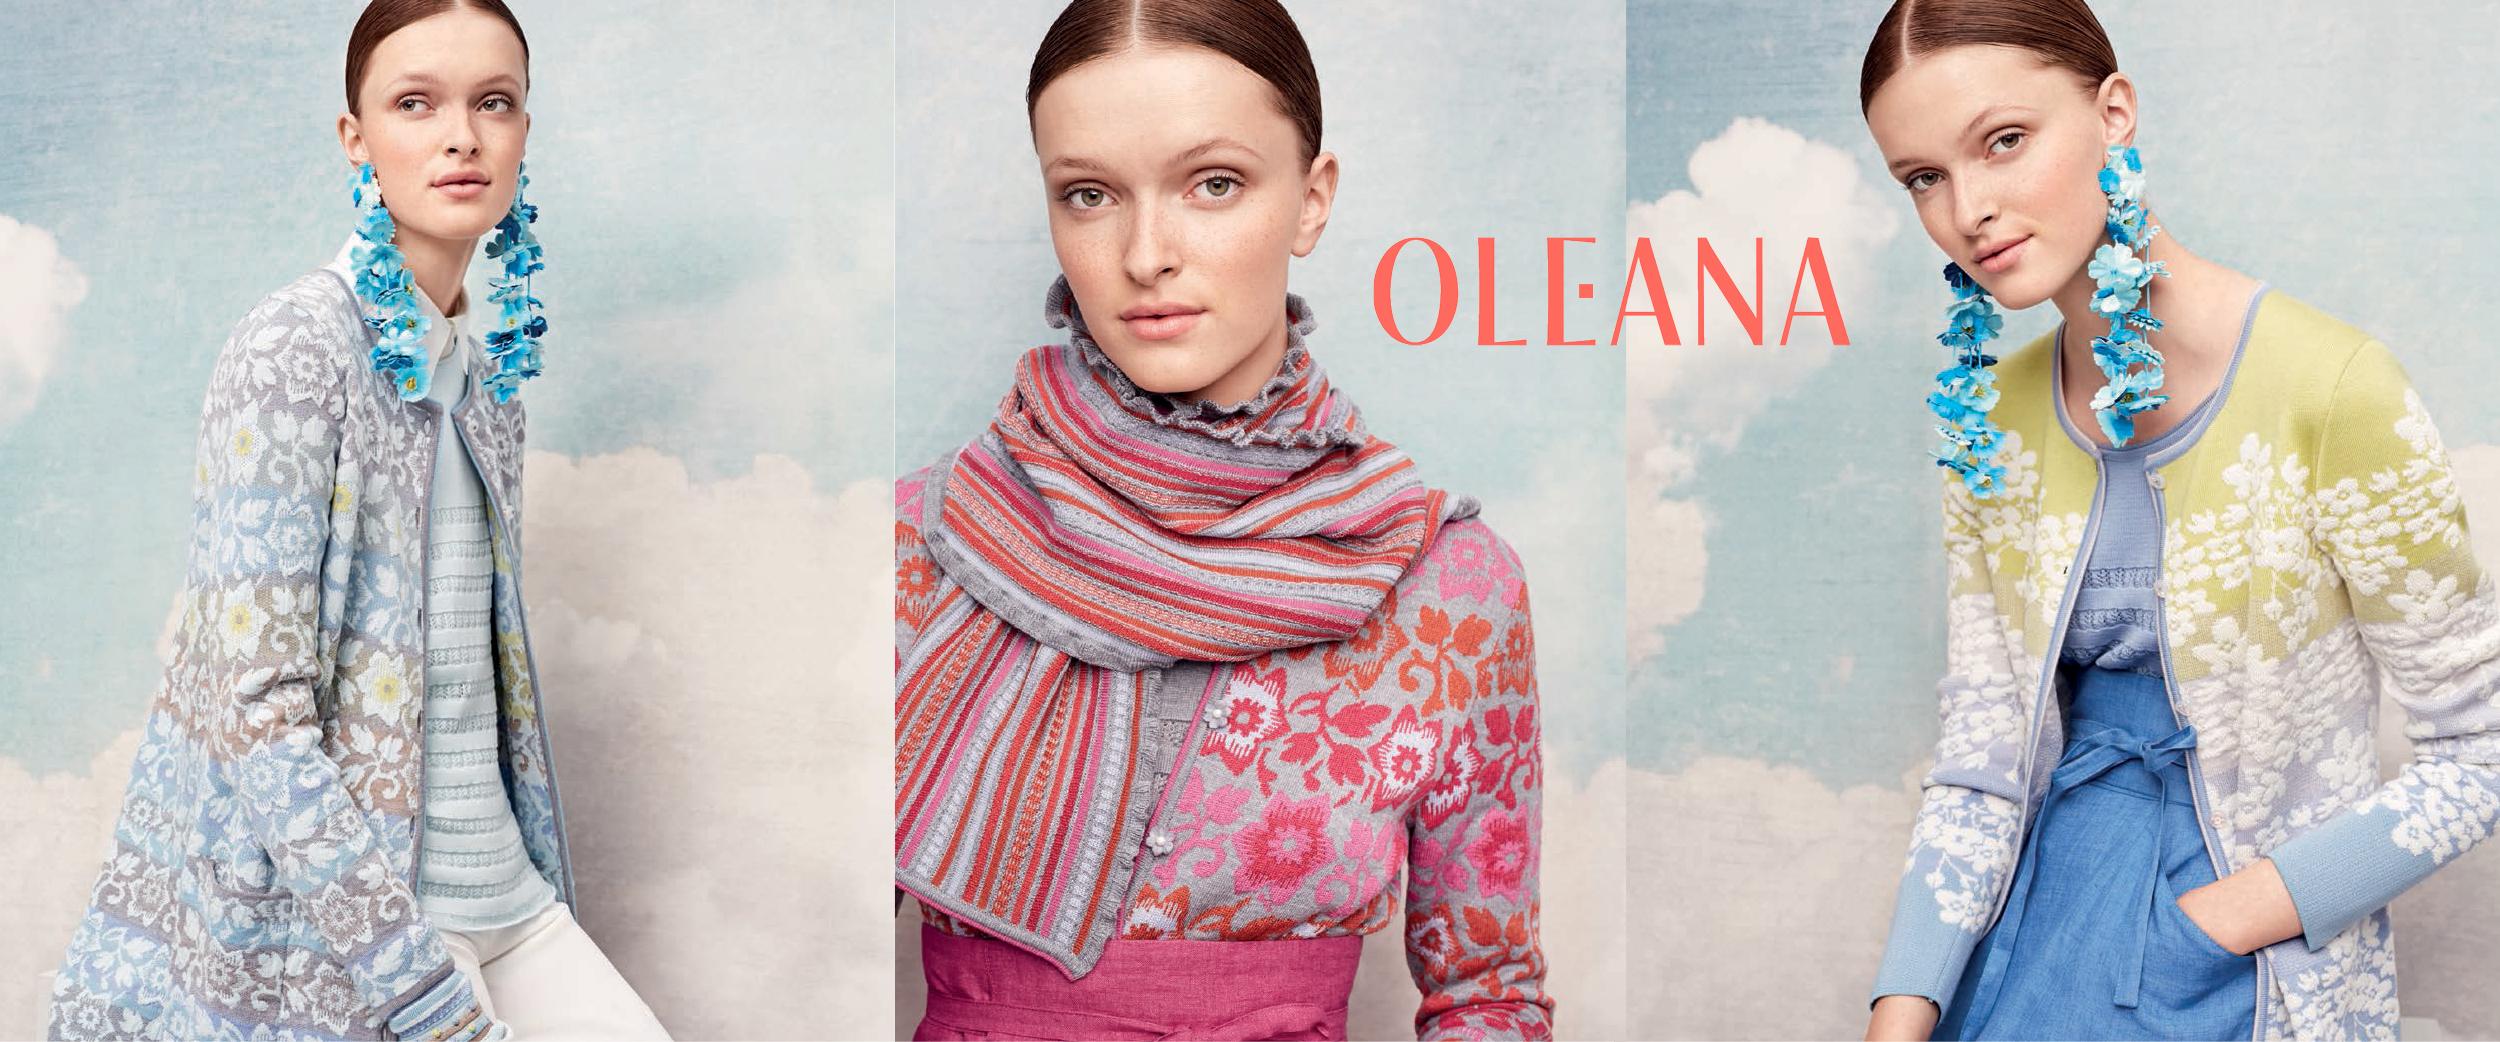 The Nordic Shop OLEANA Boutique